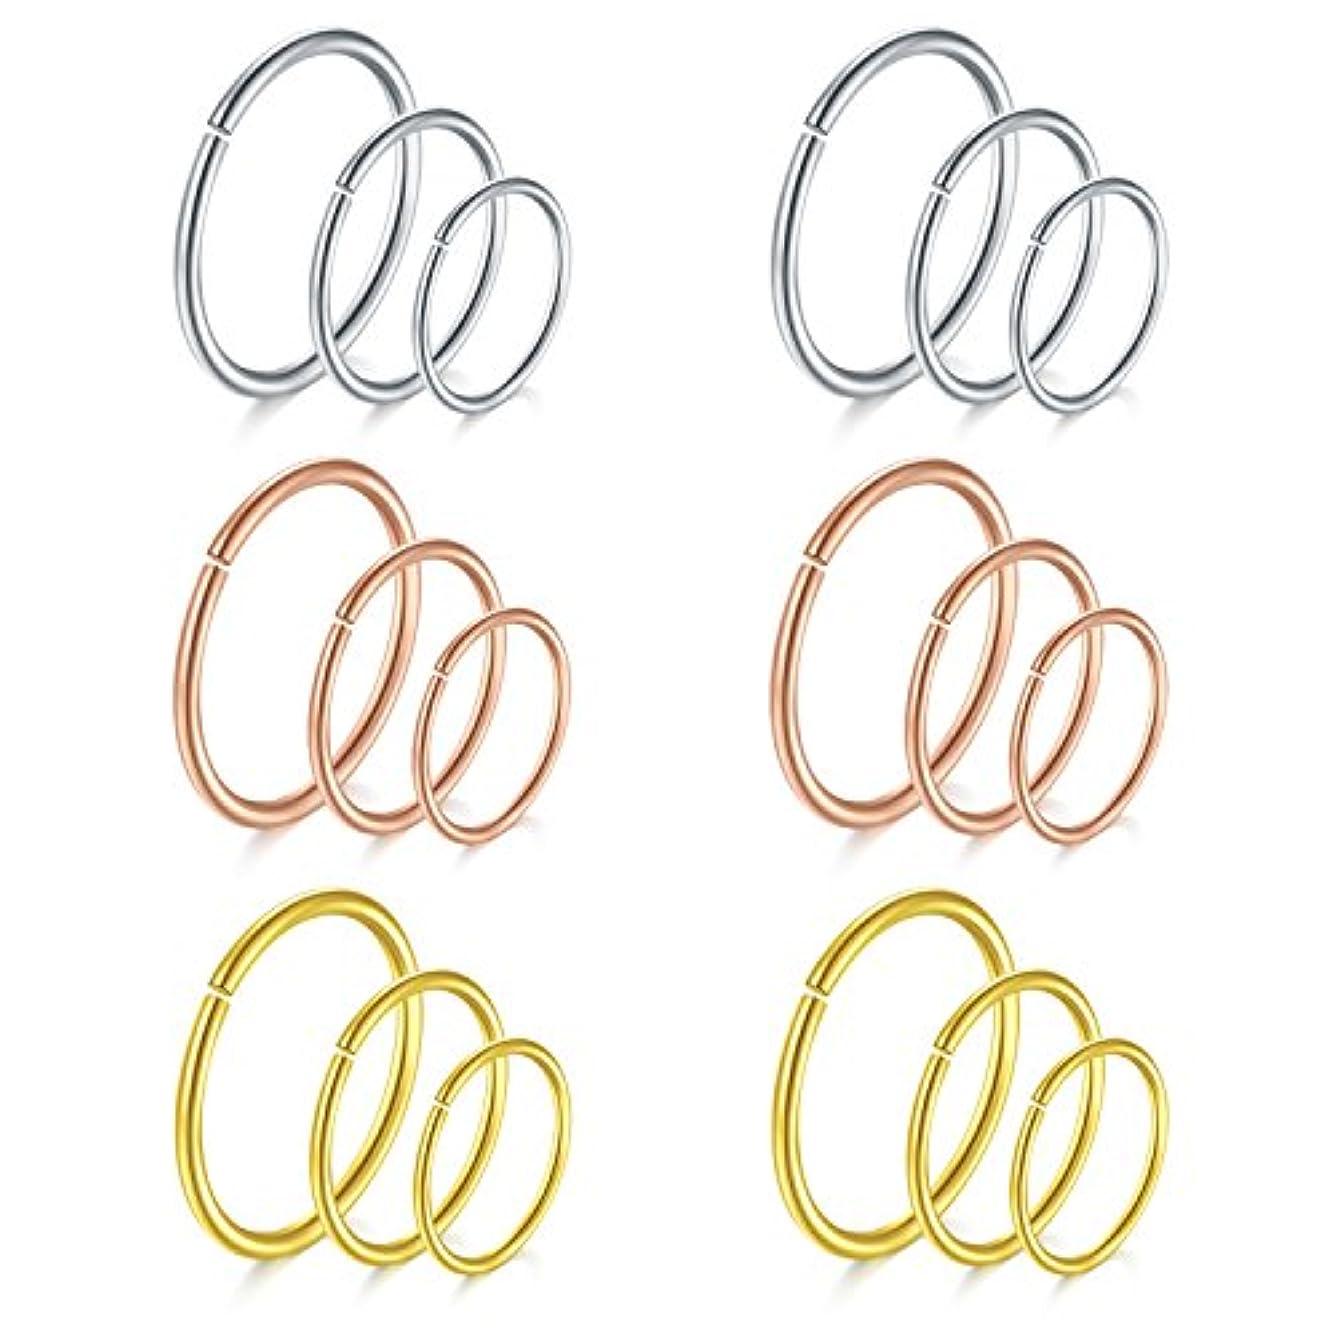 周波数性別メルボルンVCMART鼻フープrings-18 Guageイヤリング – らせんリップリング耳軟骨ピアスジュエリー18pcs